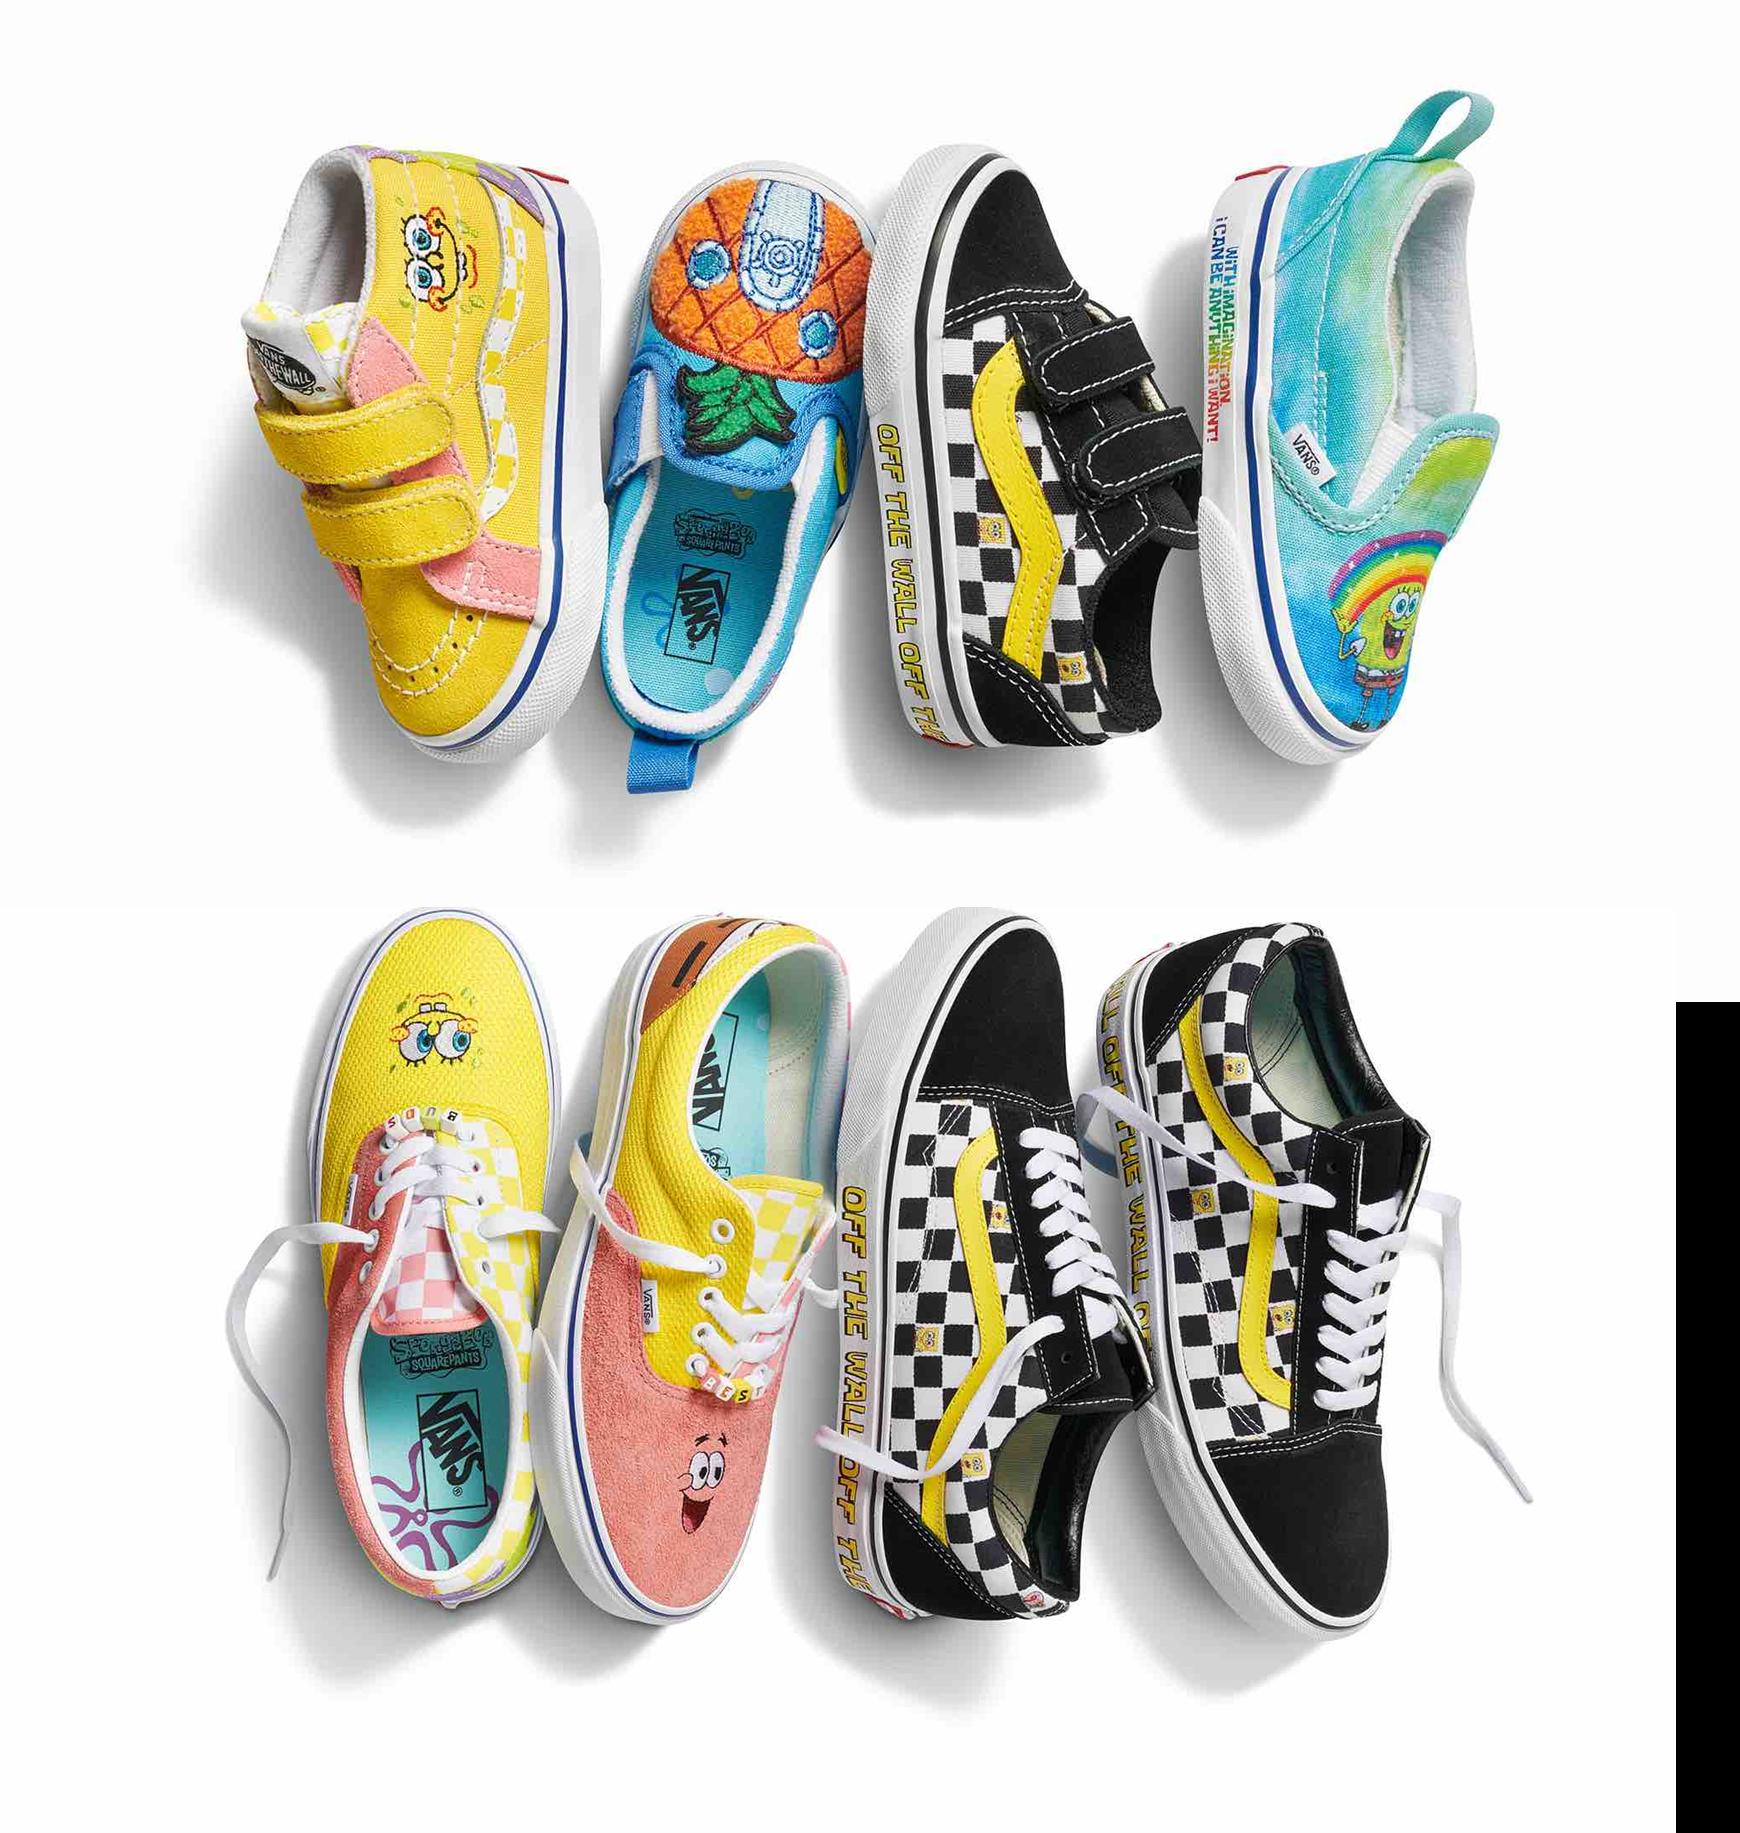 Akcesoria Buty  Vans i Nickelodeon w najnowszej kolekcji z motywami ze świata SpongeBoba Kanciastoportego